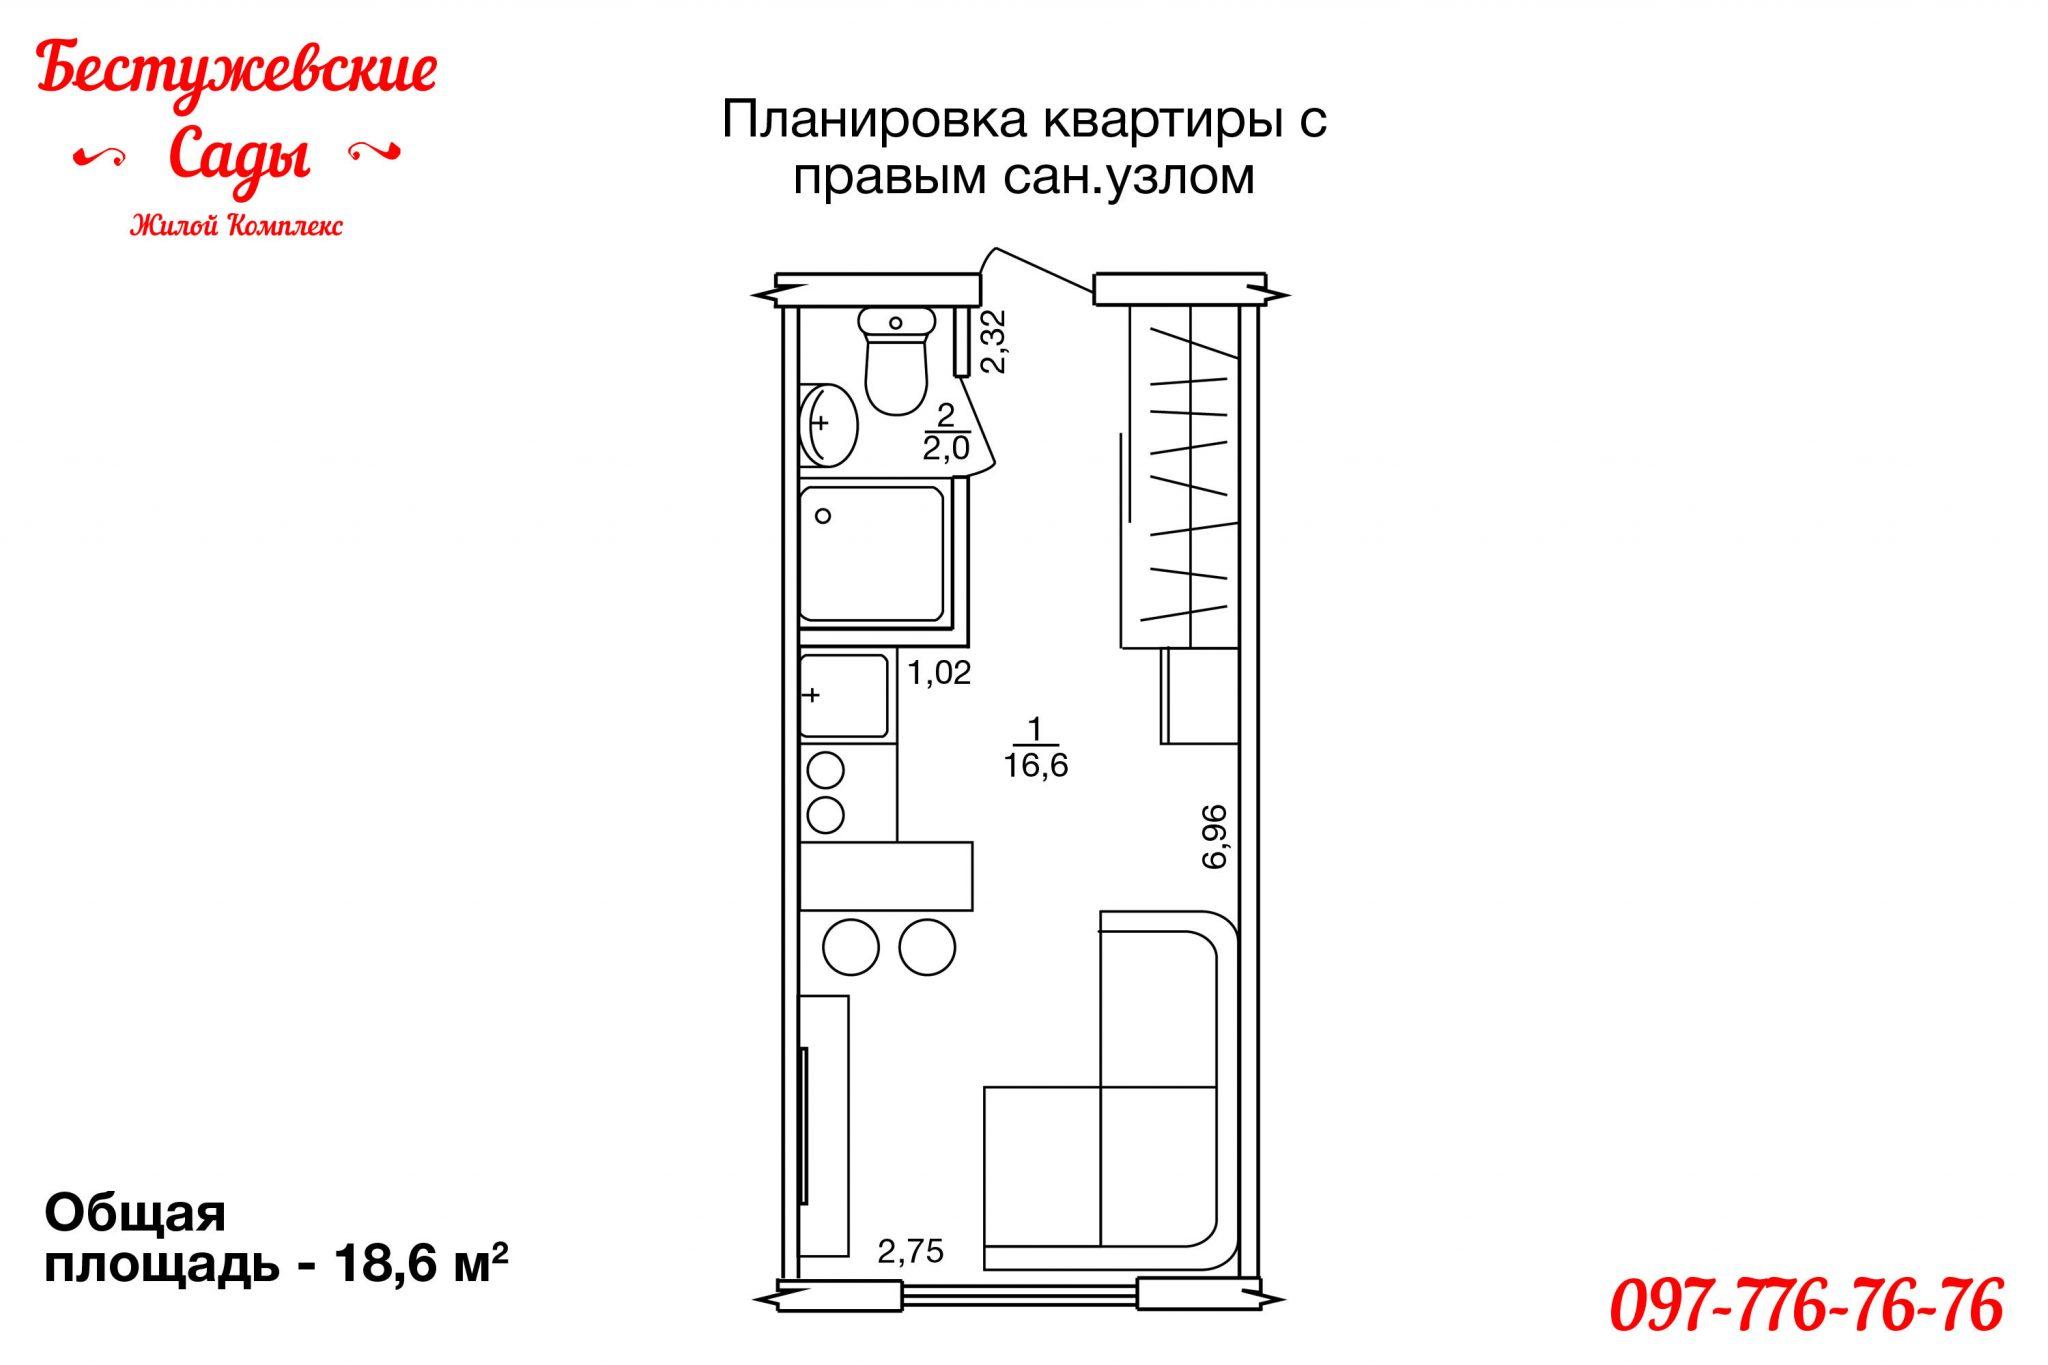 Планировка гостинки 18 квадратных метров